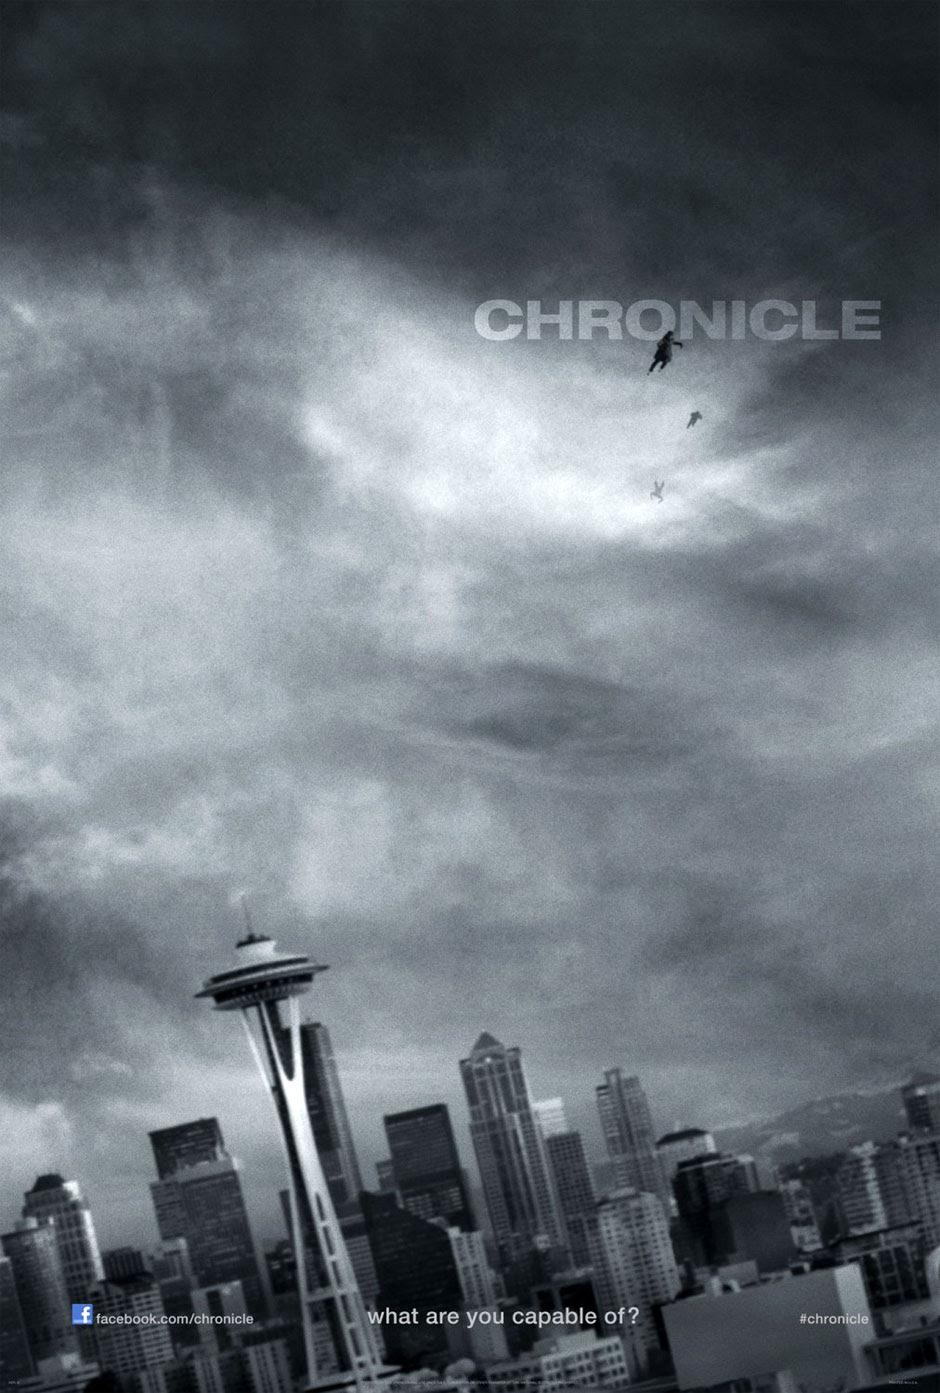 Risultati immagini per chronicle film poster